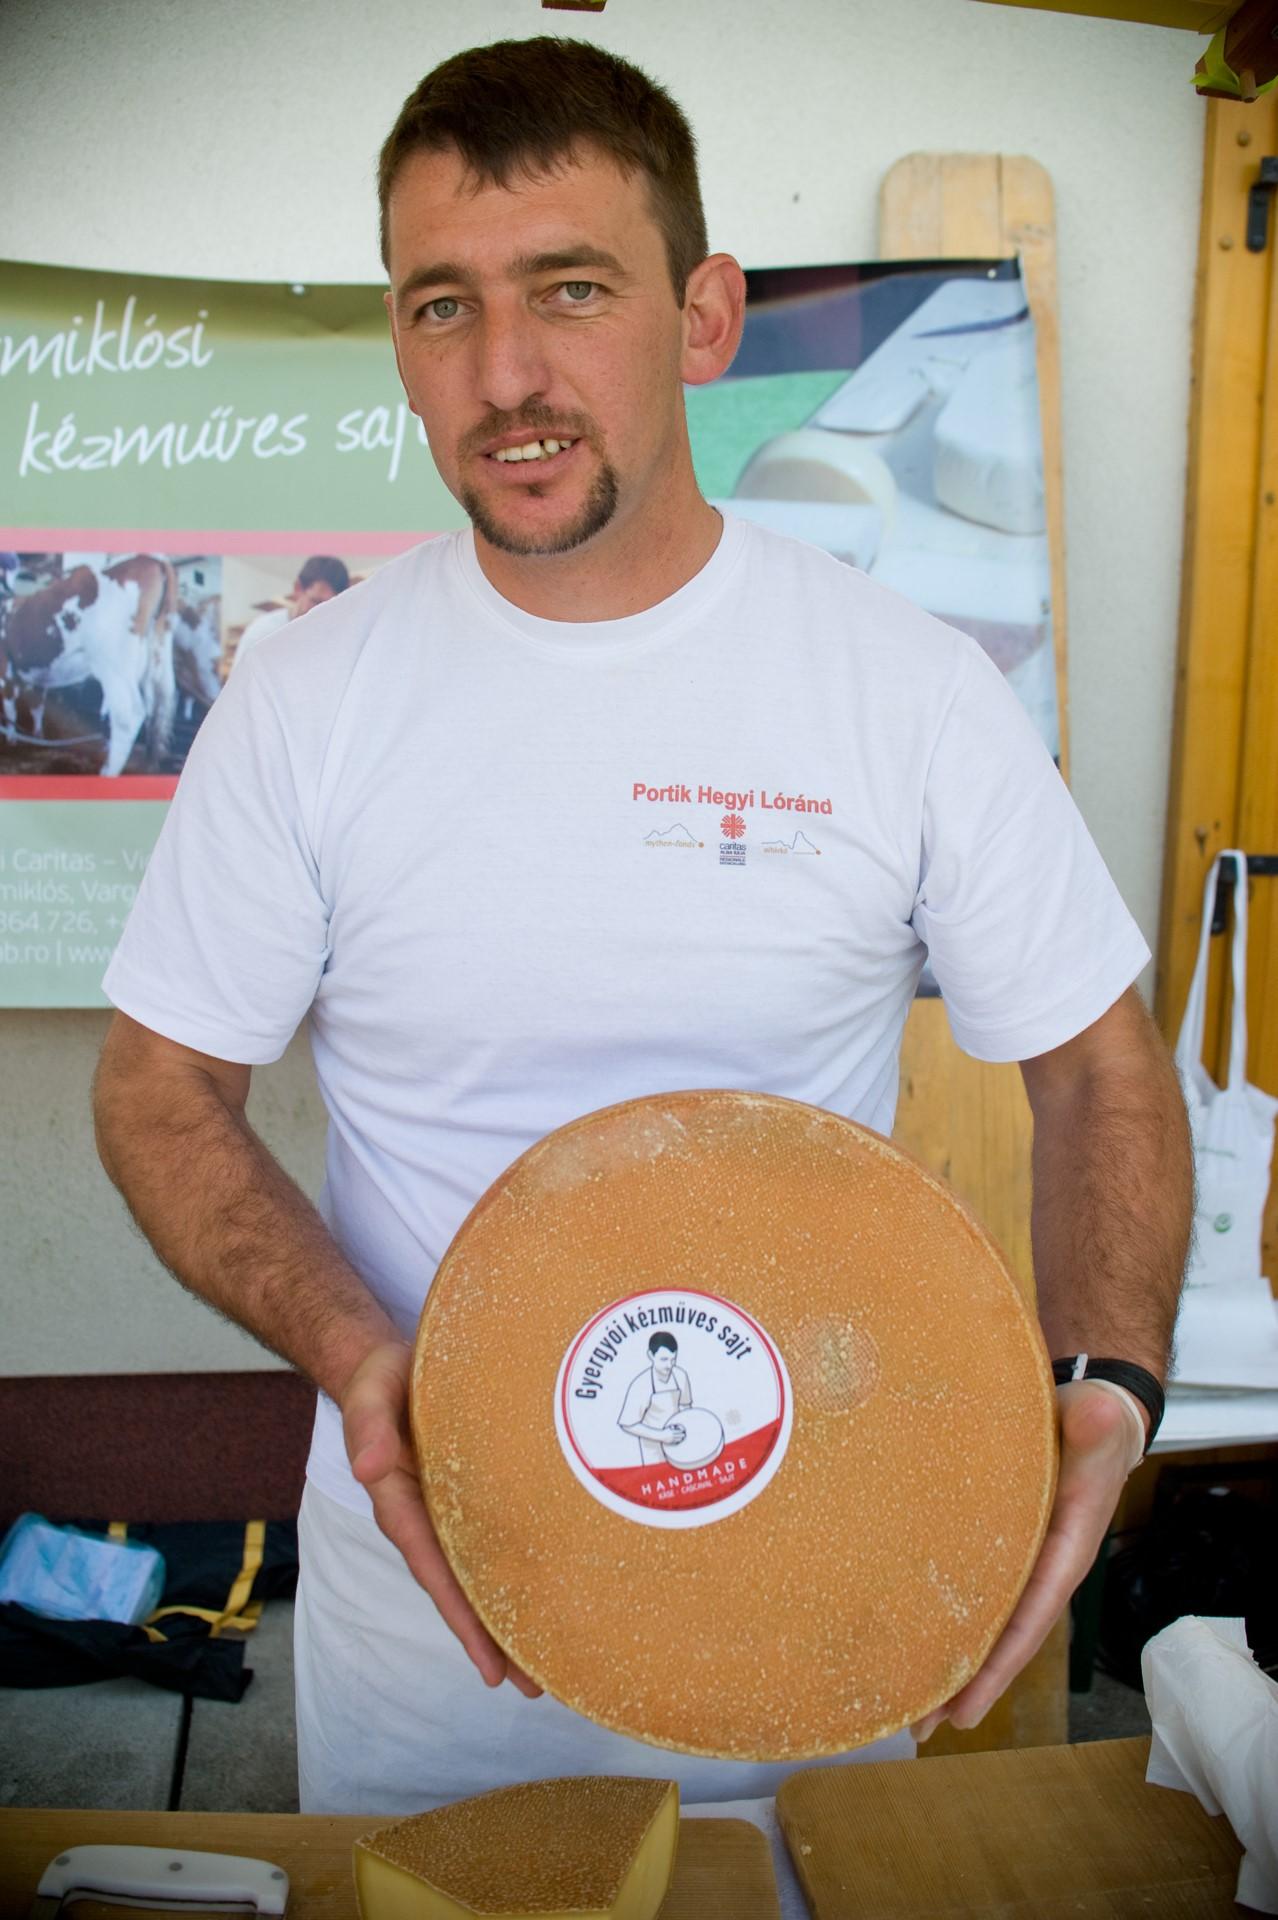 Portik Hegyi Loránd, Gyergyói kézműves sajt